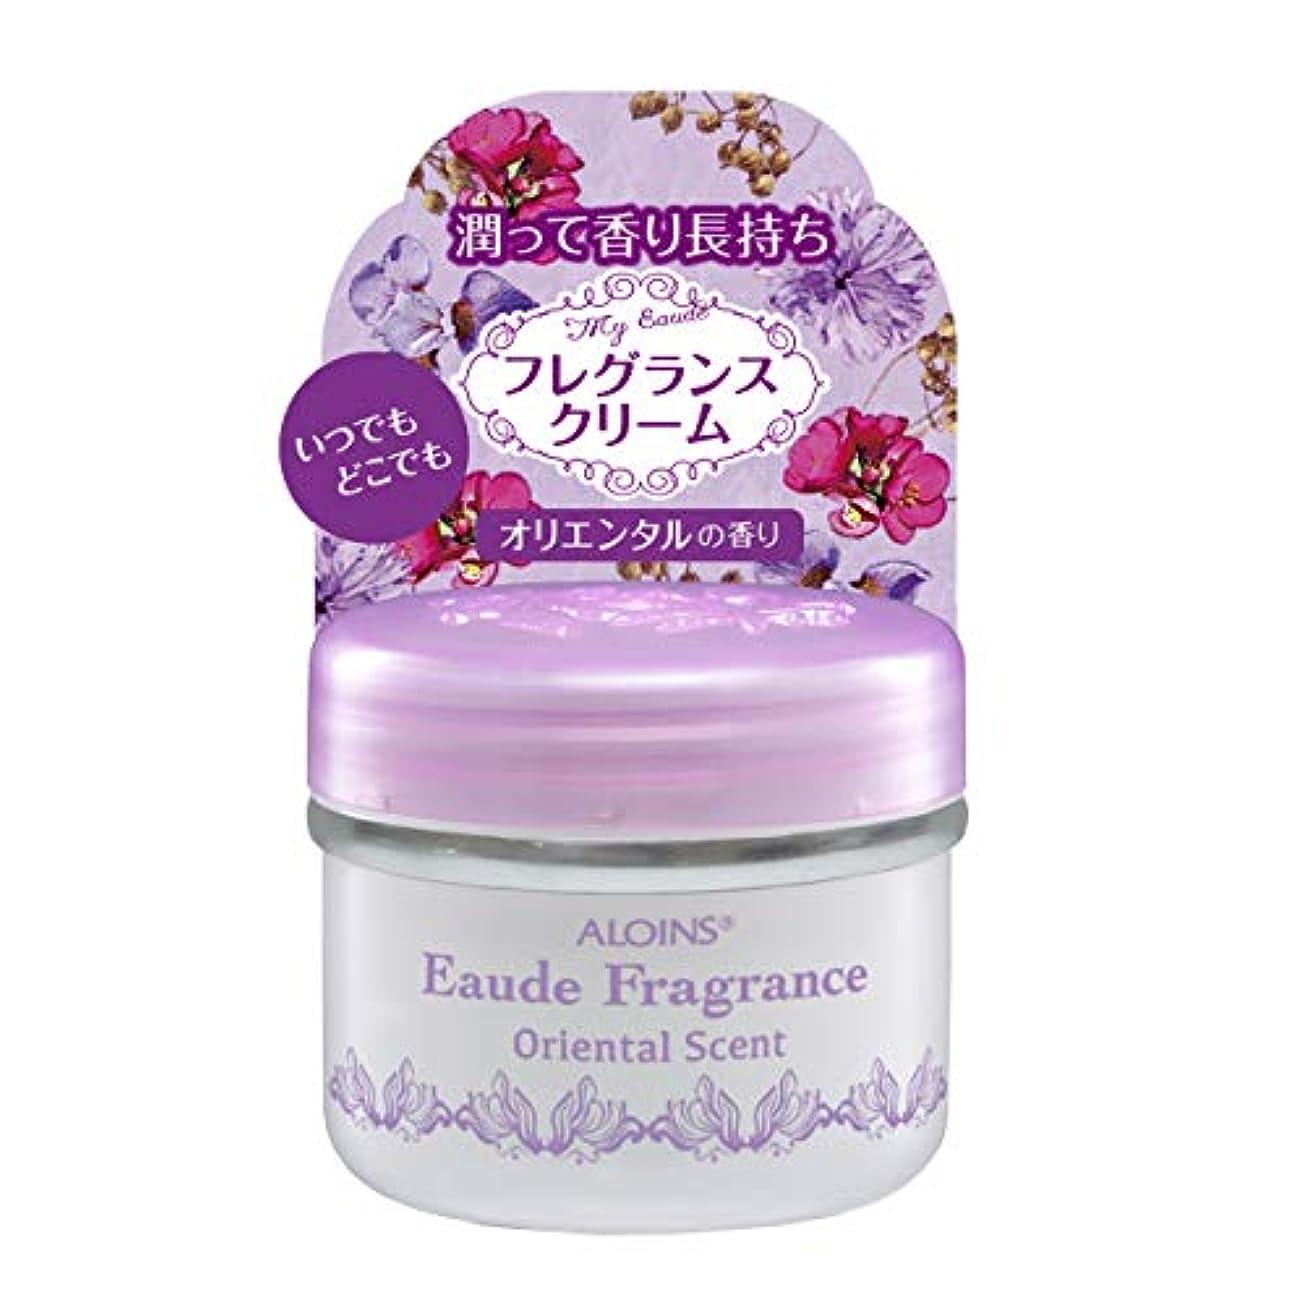 効果的に共和党一掃するアロインス オーデフレグランス オリエンタルの香り 35g